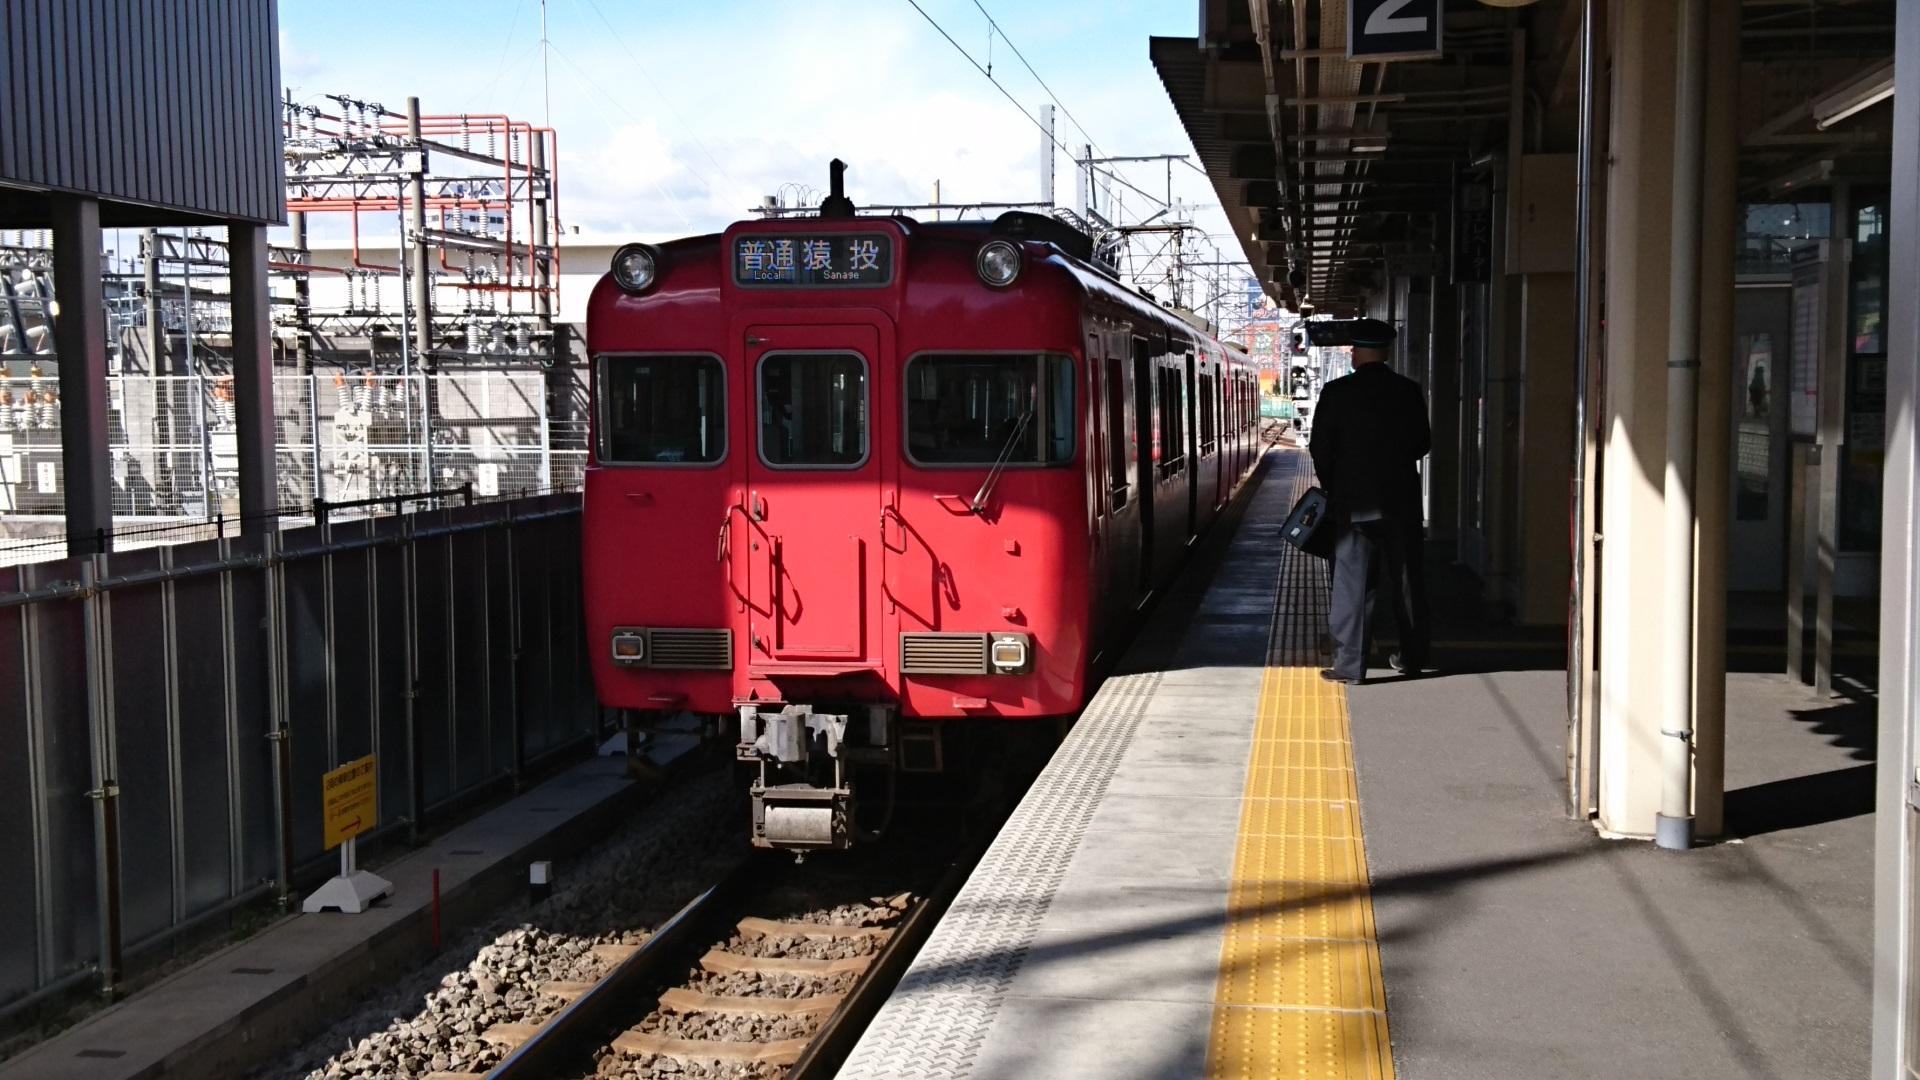 2017.2.10 三河線 (1) 知立 - 猿投いきふつう 1920-1080